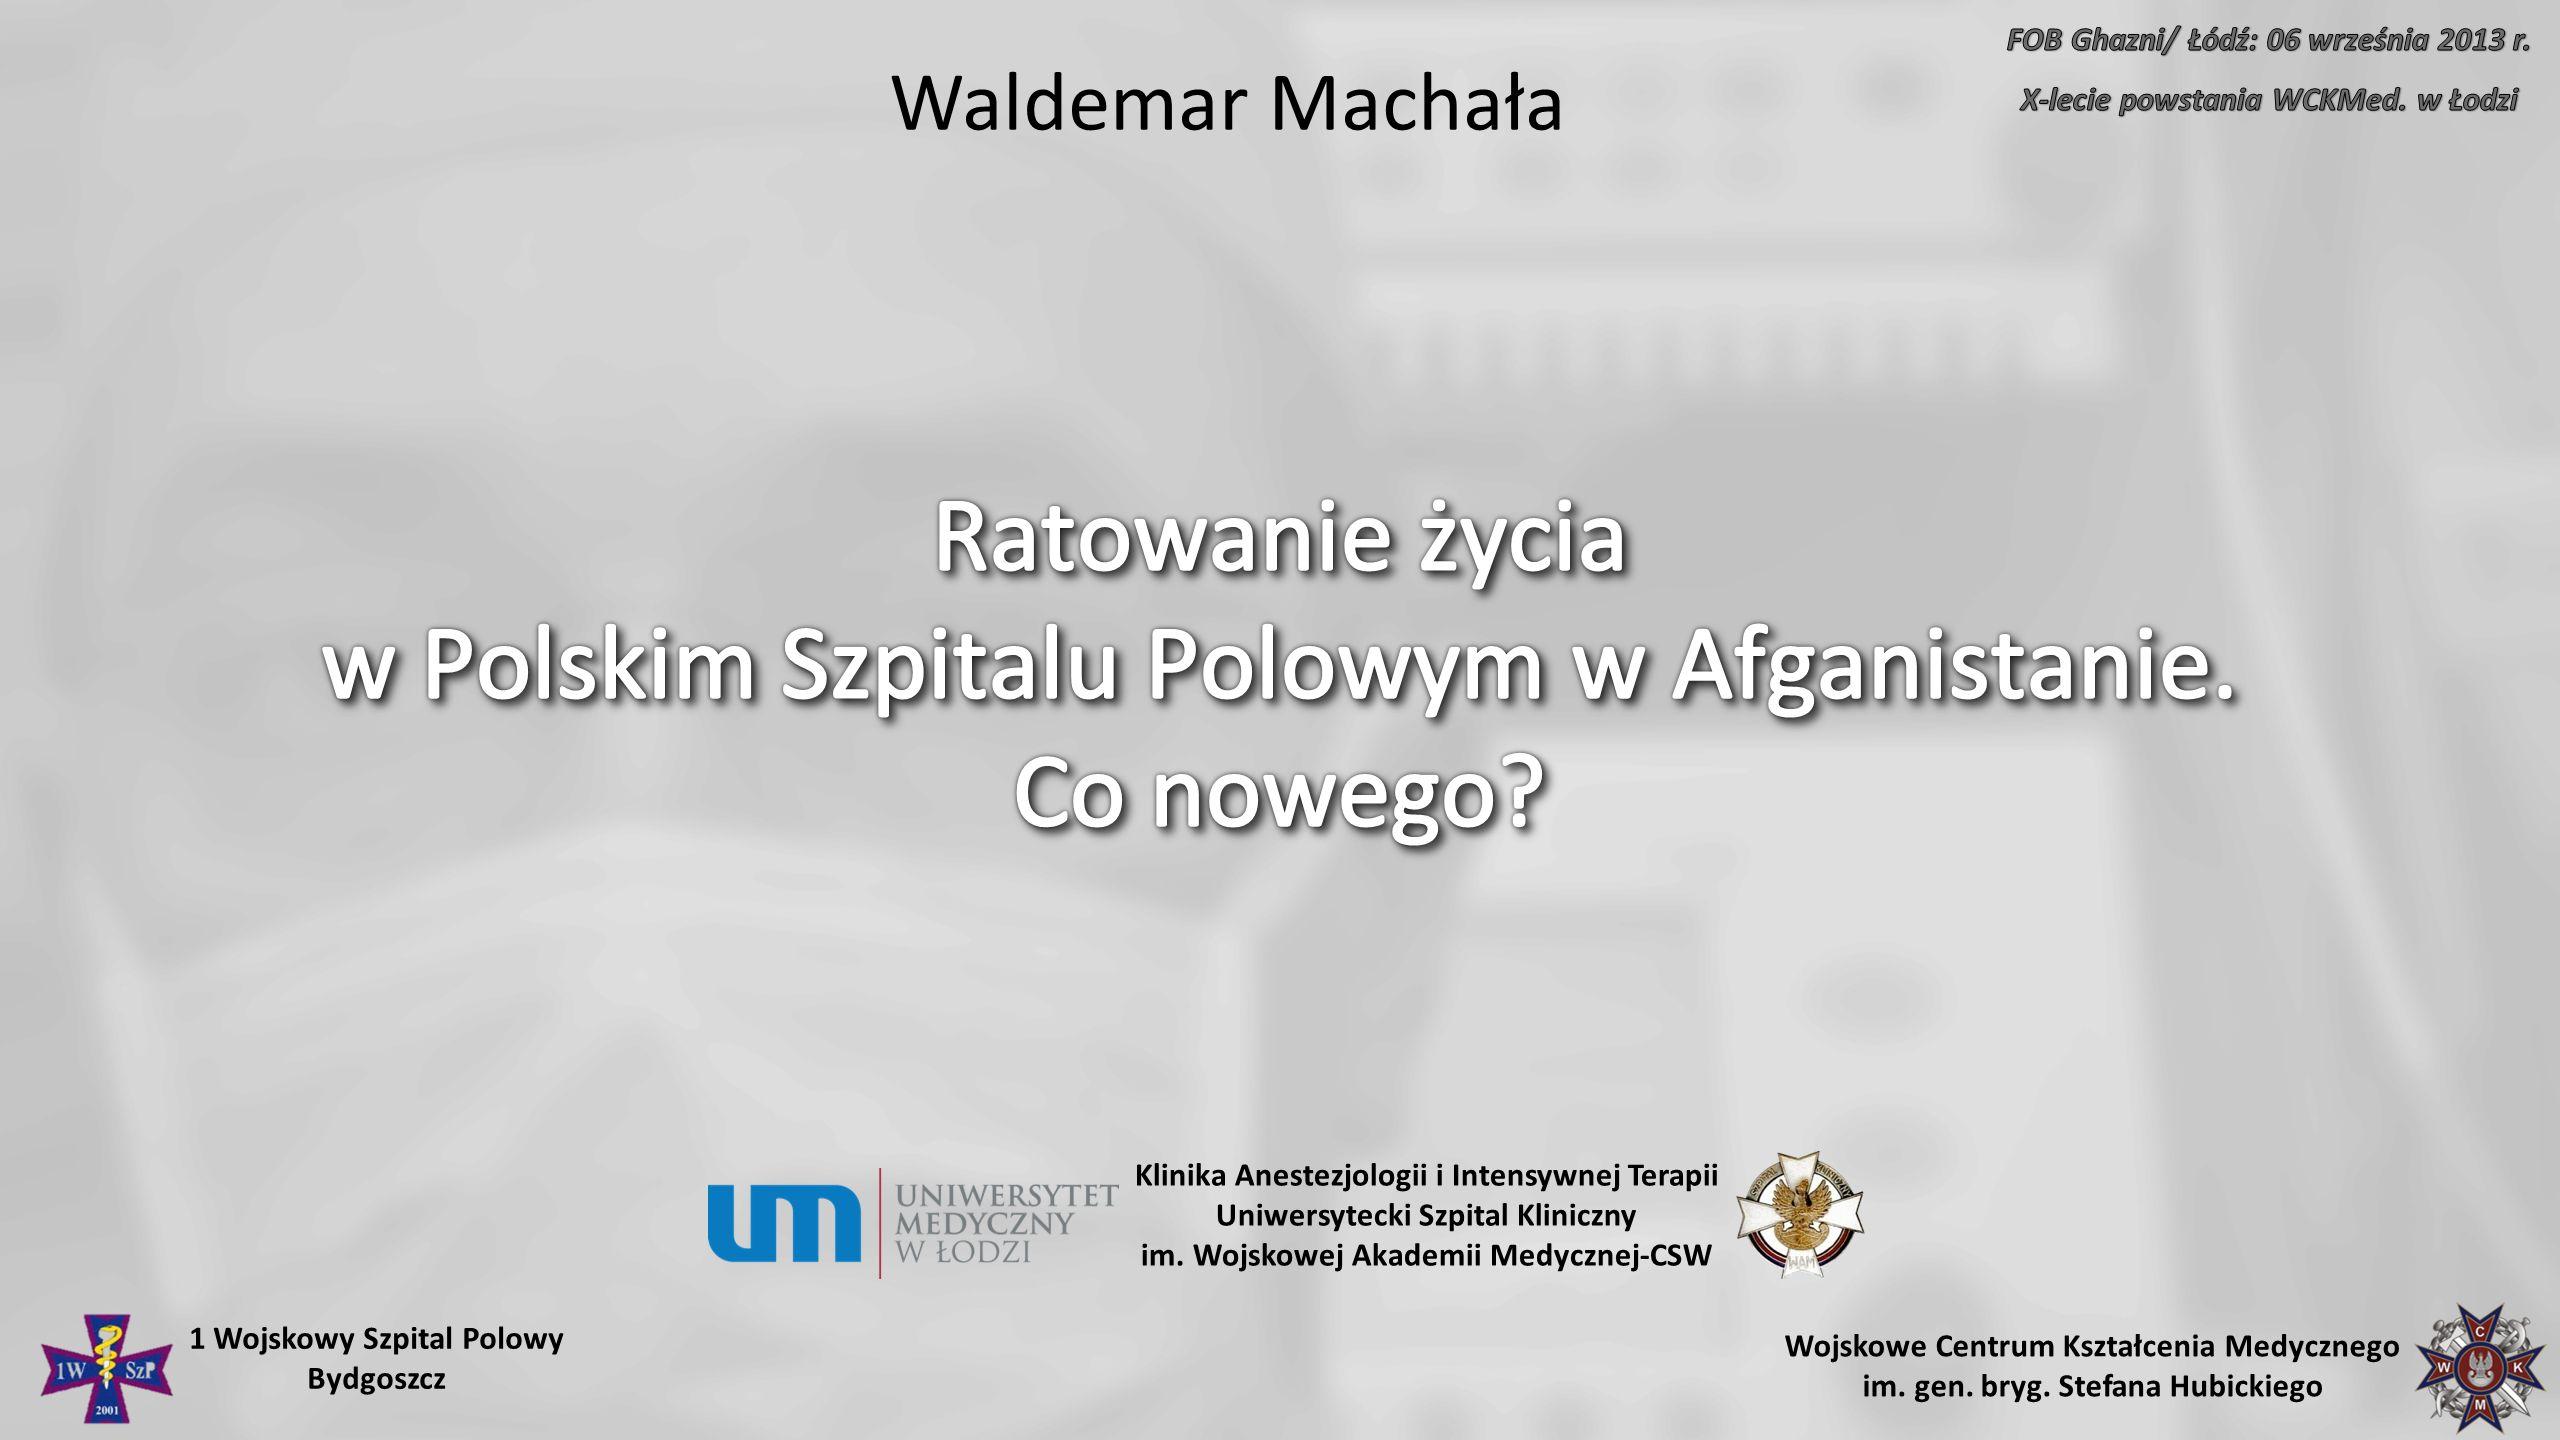 Ratowanie życia w Polskim Szpitalu Polowym w Afganistanie. Co nowego